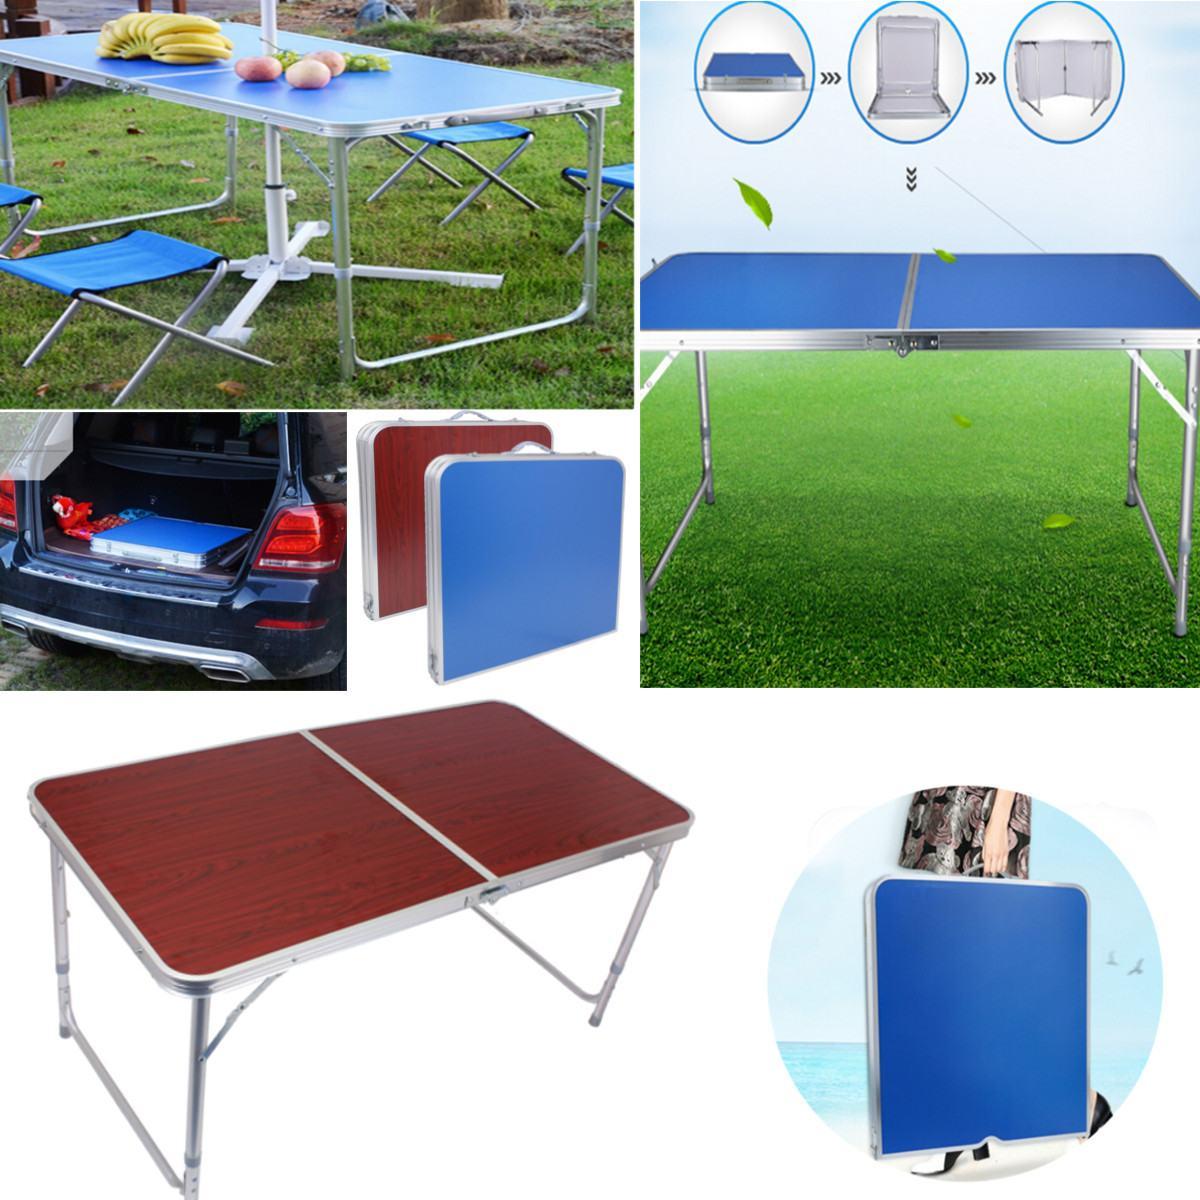 Table pliante réglable en Aluminium bureau de lit d'ordinateur Portable extérieur Portable léger Simple résistant à la pluie Camping barbecue pique-nique Table de fête